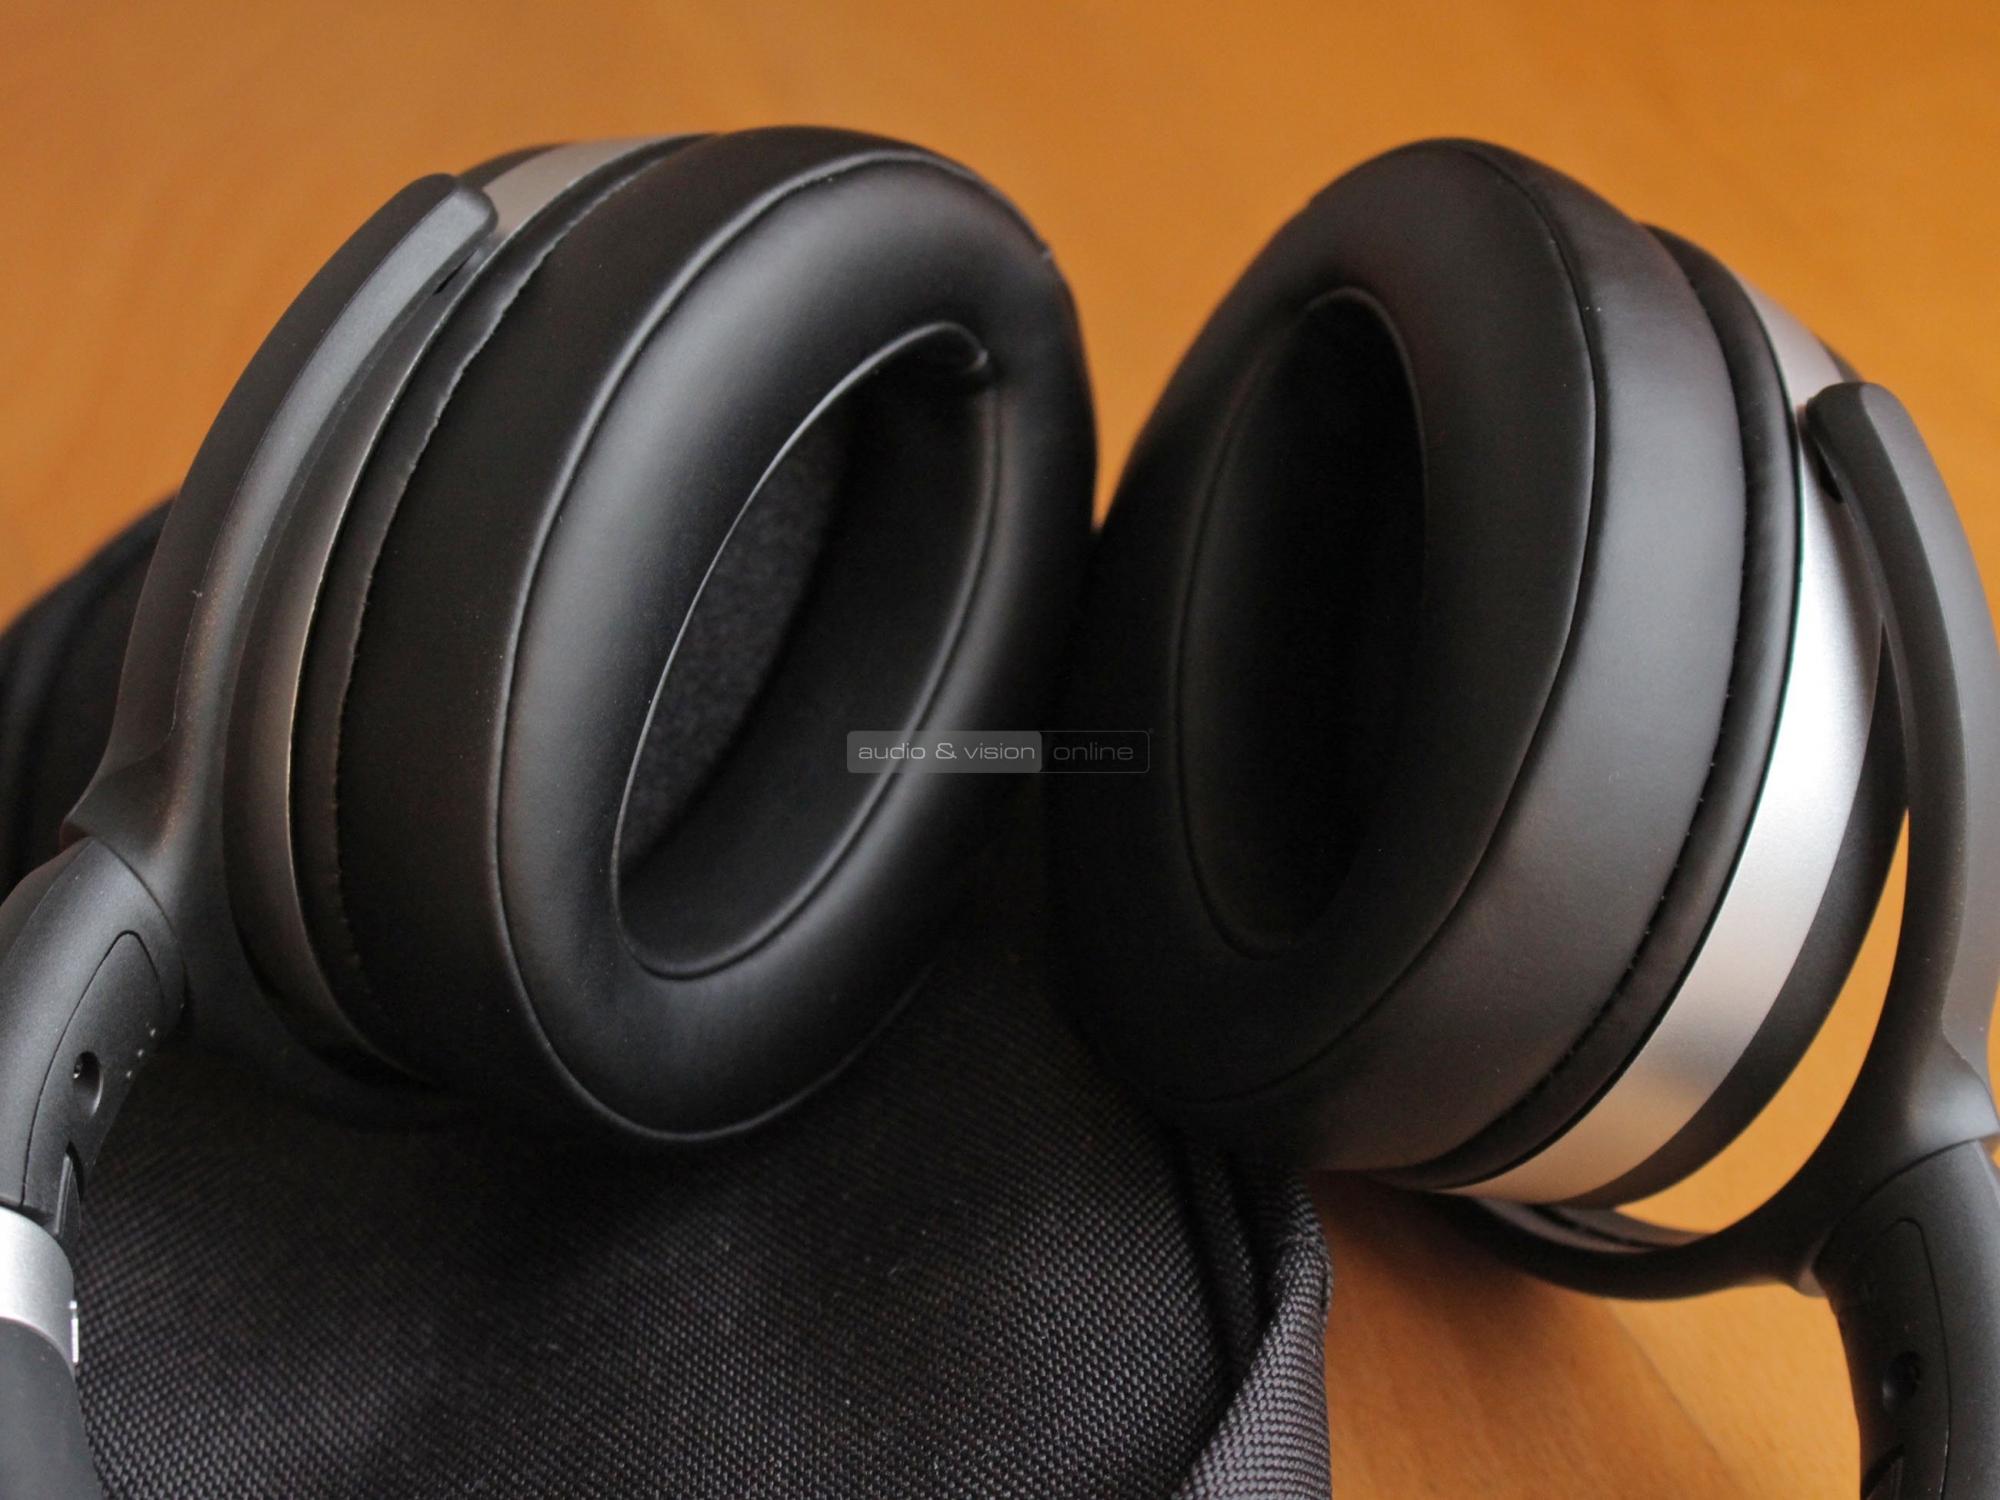 Sennheiser HD 4.50 BTNC aktív zajzáras Bluetooth fejhallgató. Kattints ... 7b21fa97cb